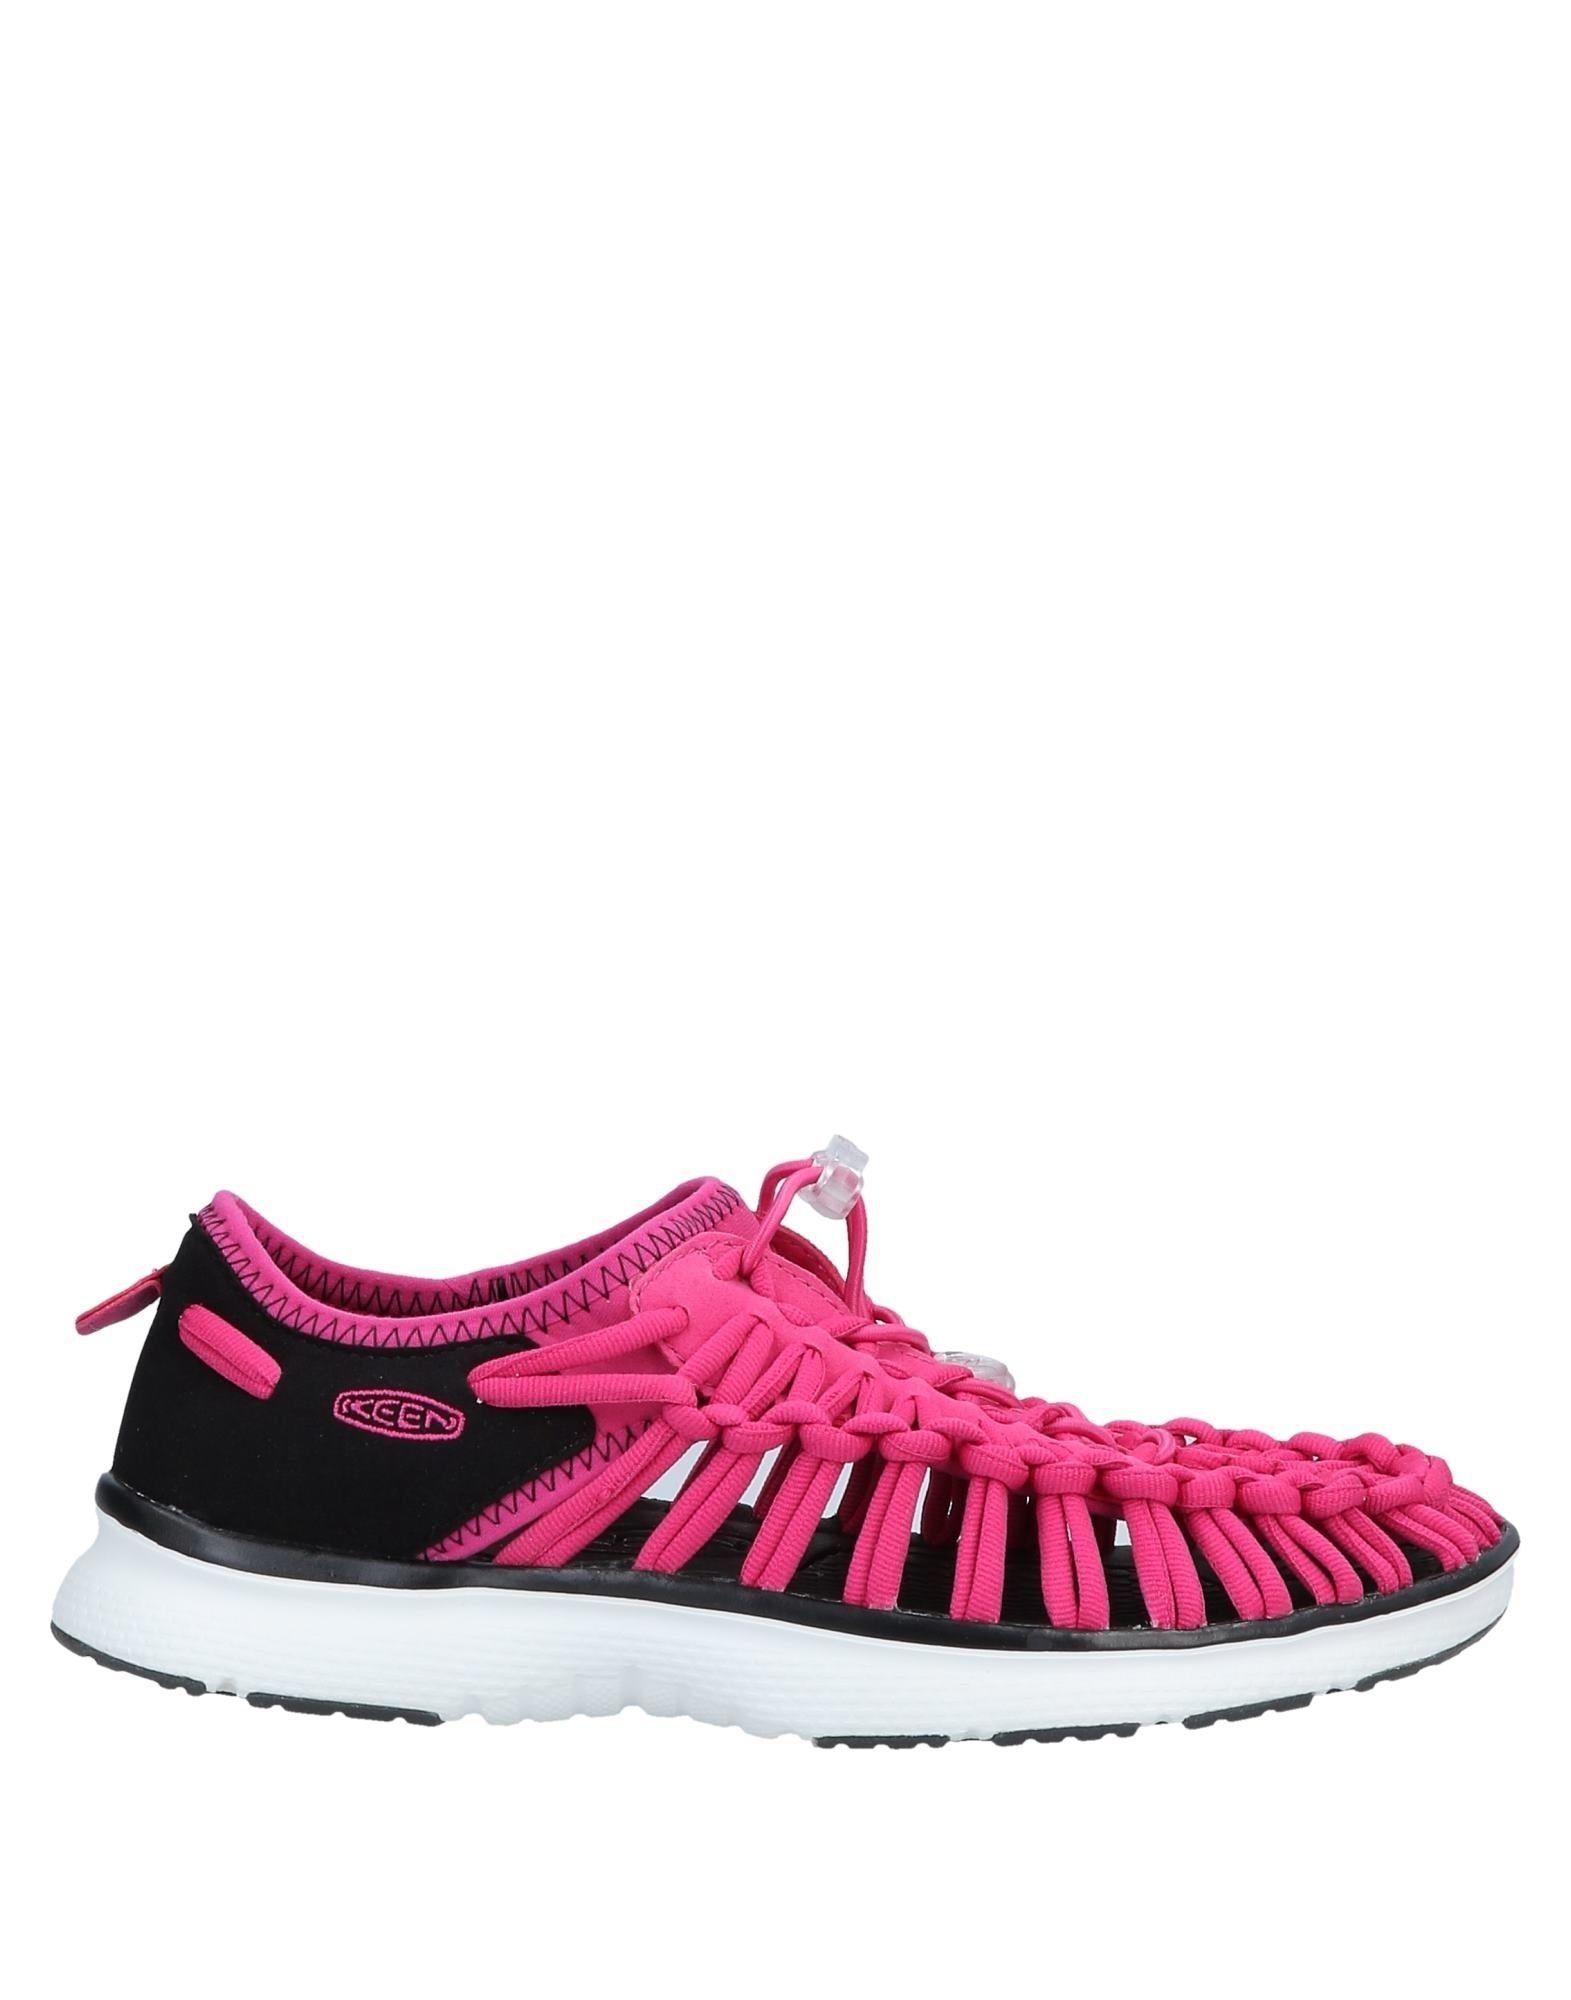 Keen Sneakers - Australia Women Keen Sneakers online on  Australia - - 11570272SS 54c9d9